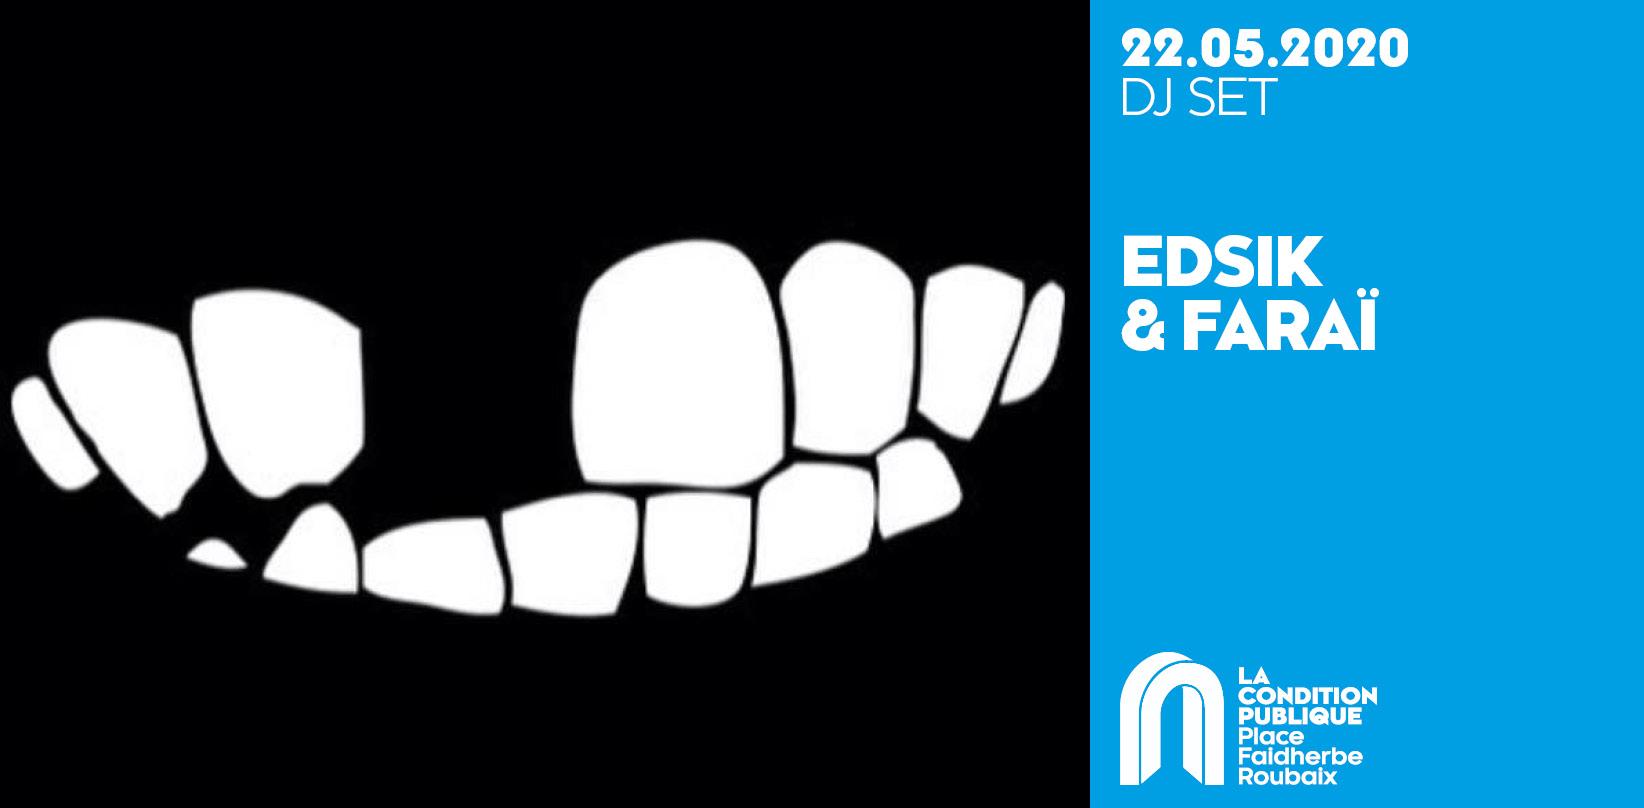 Edsik & Faraï – DJ Set